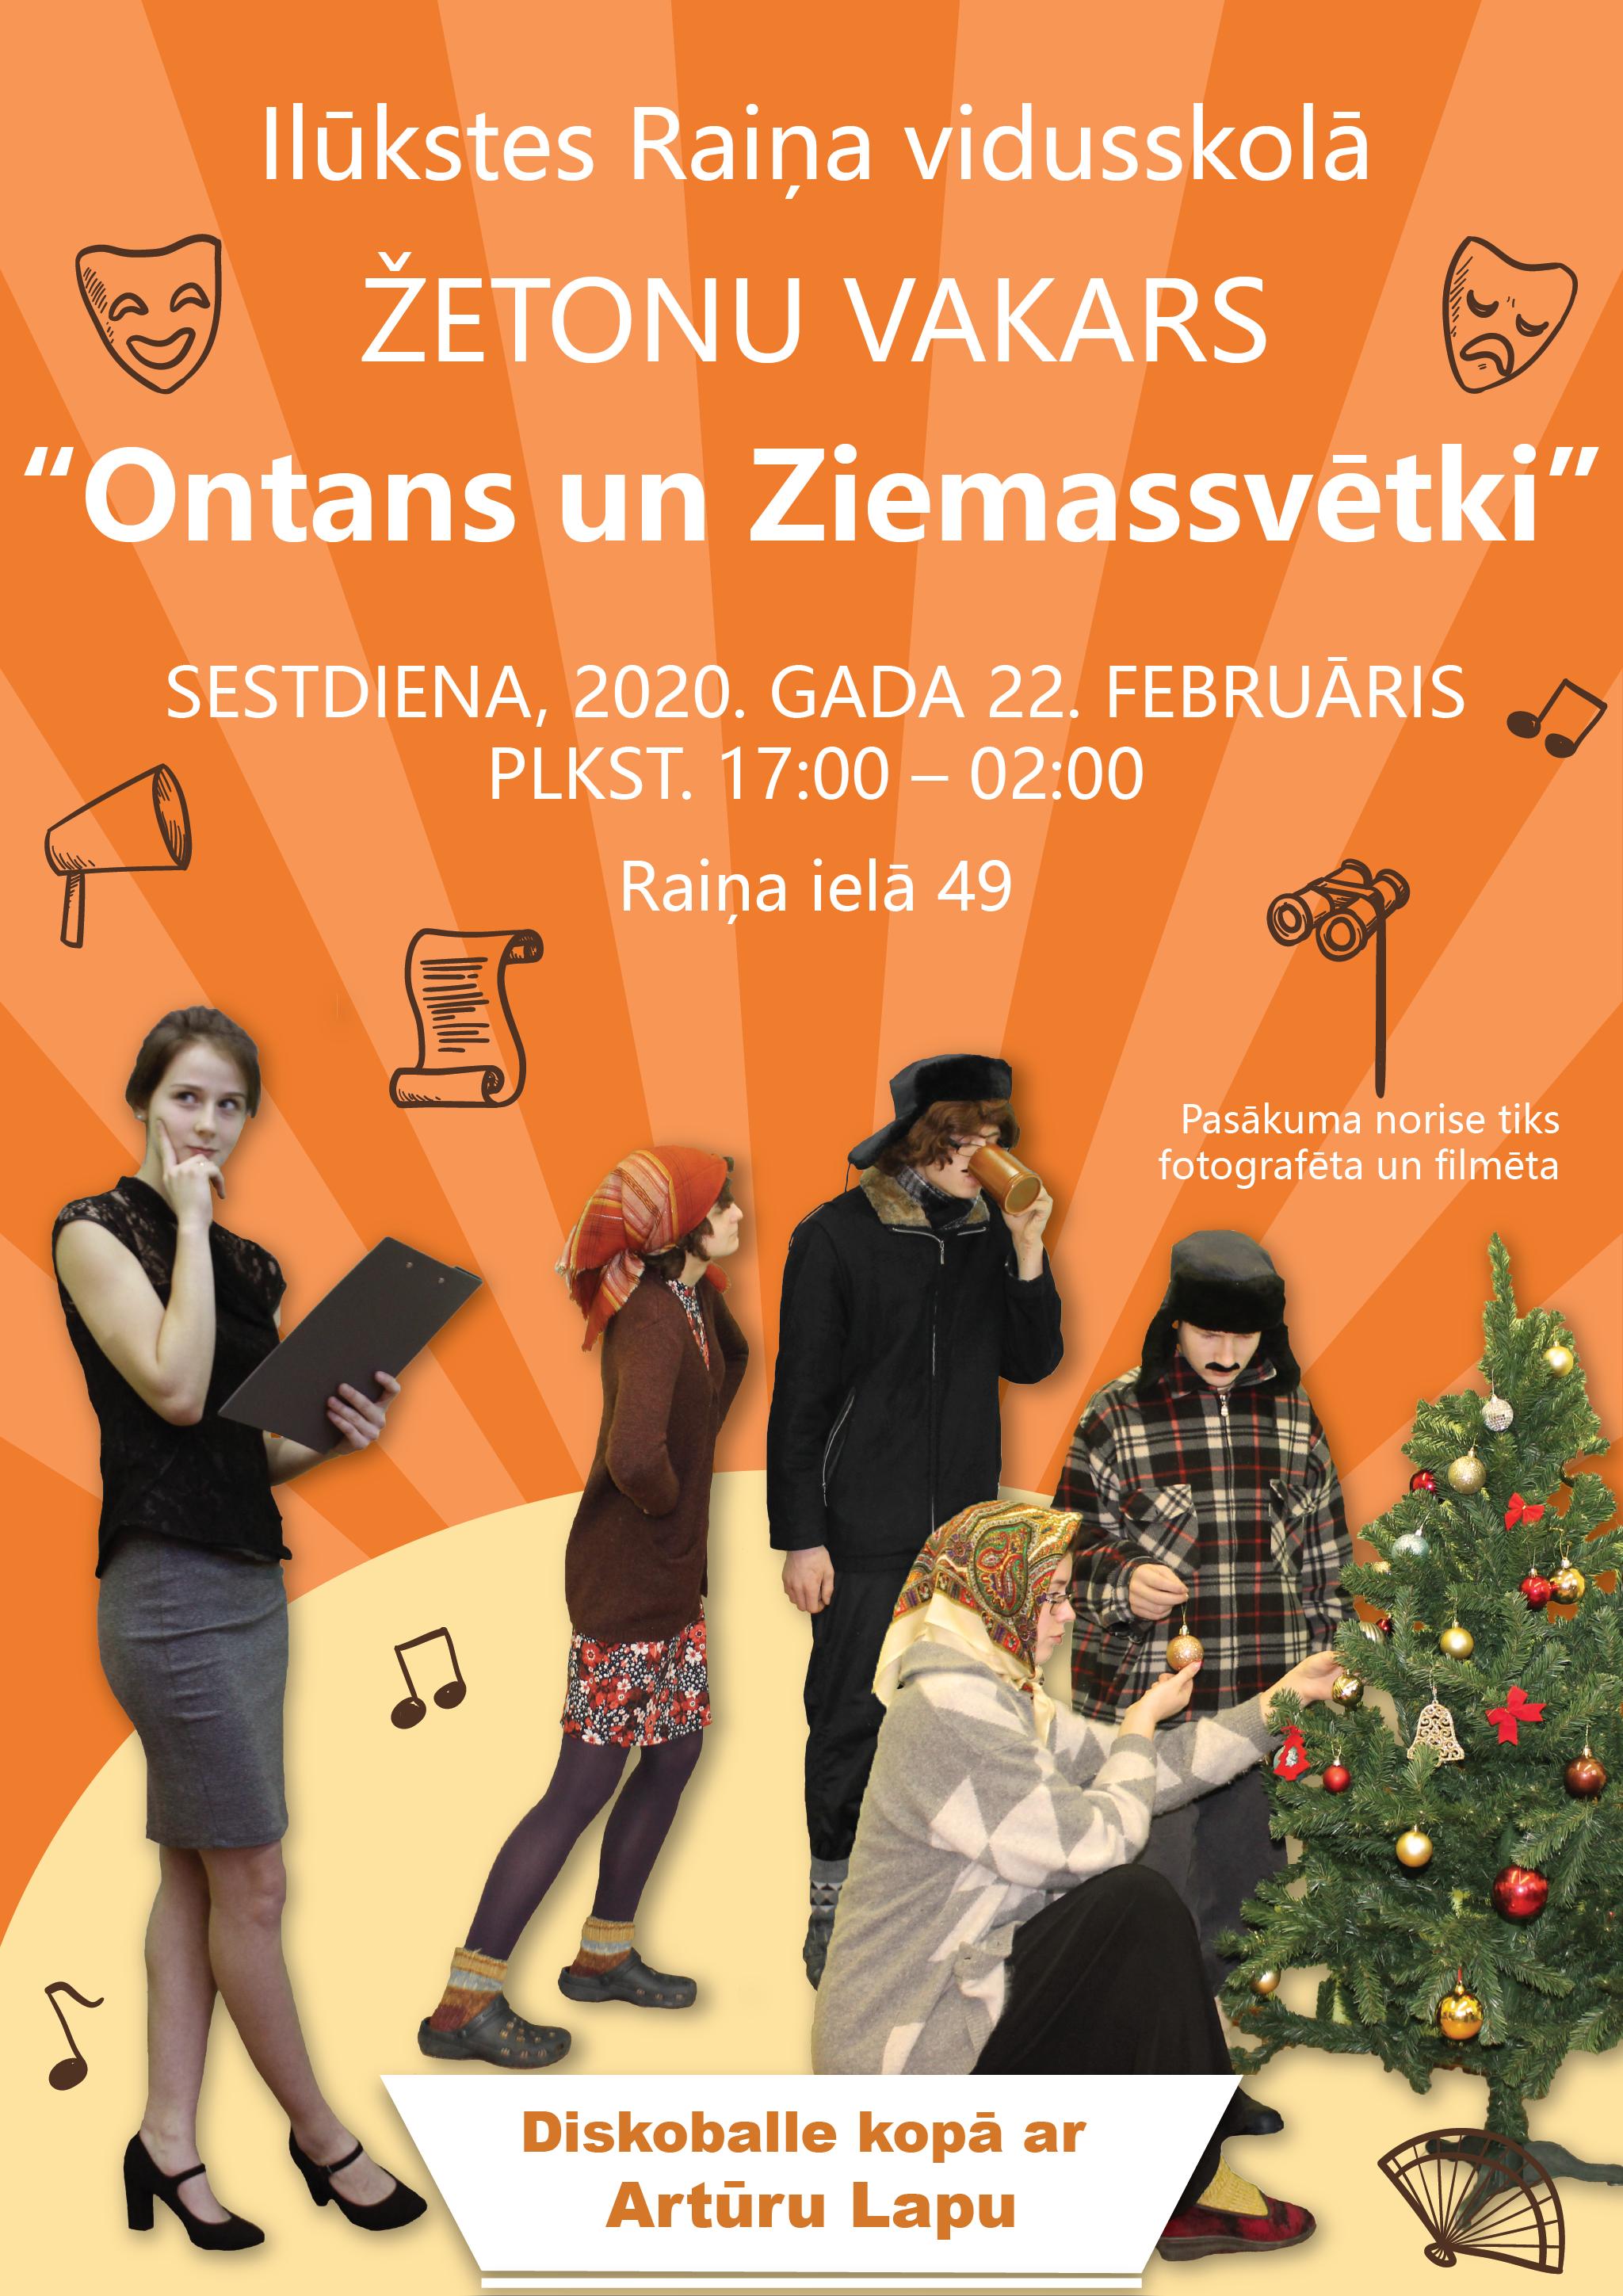 """IRV Žetonu vakars 2020 """"Ontans un Ziemassvētki"""" tuvojas!"""